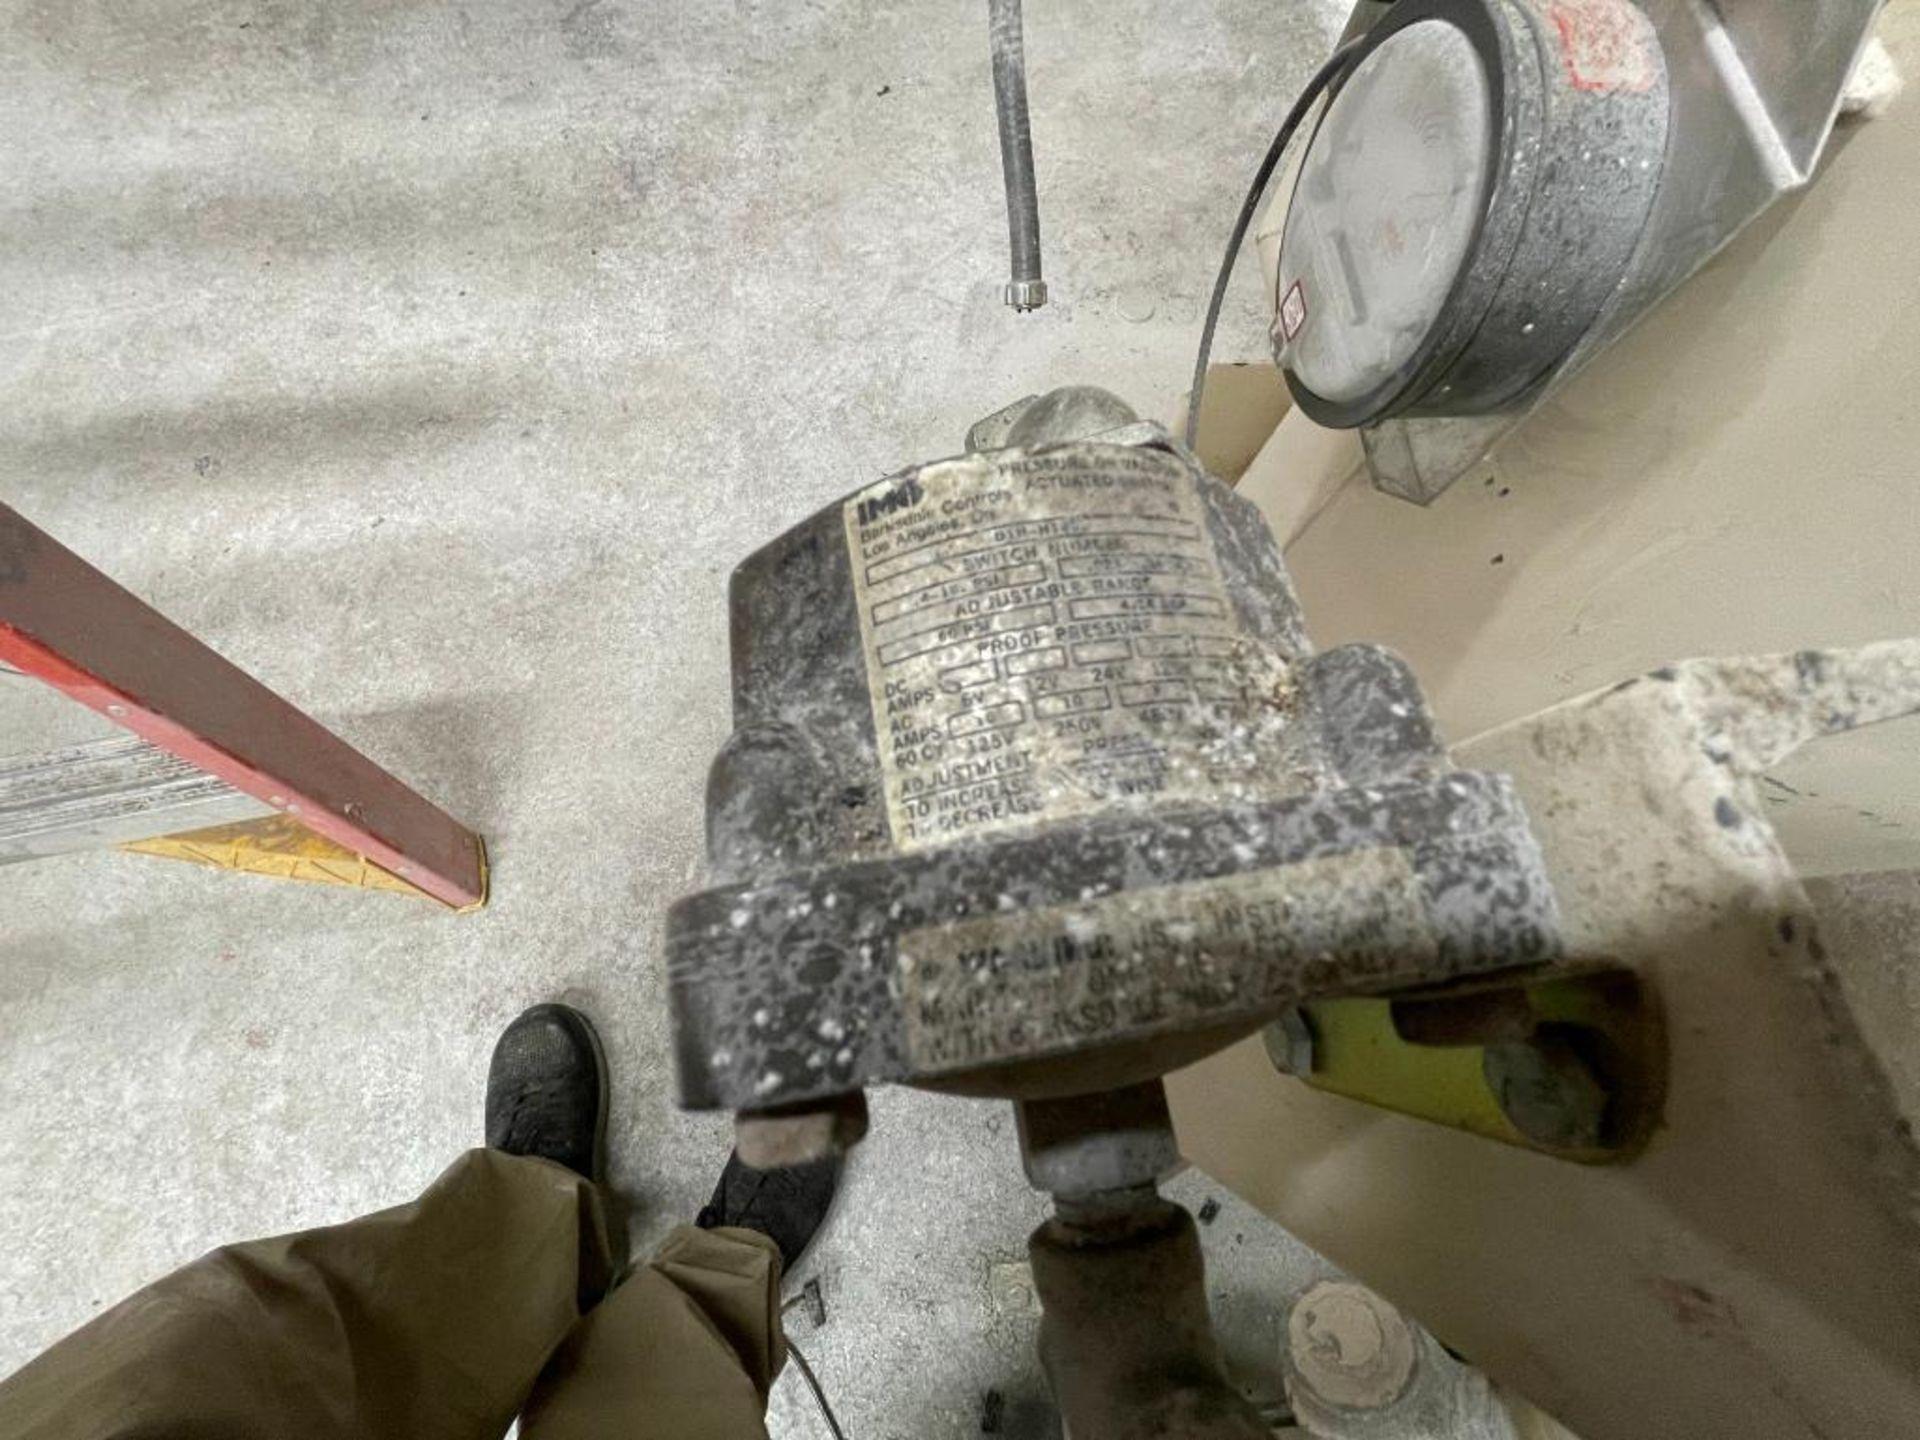 Gardner Denver rotary positive blower - Image 28 of 33